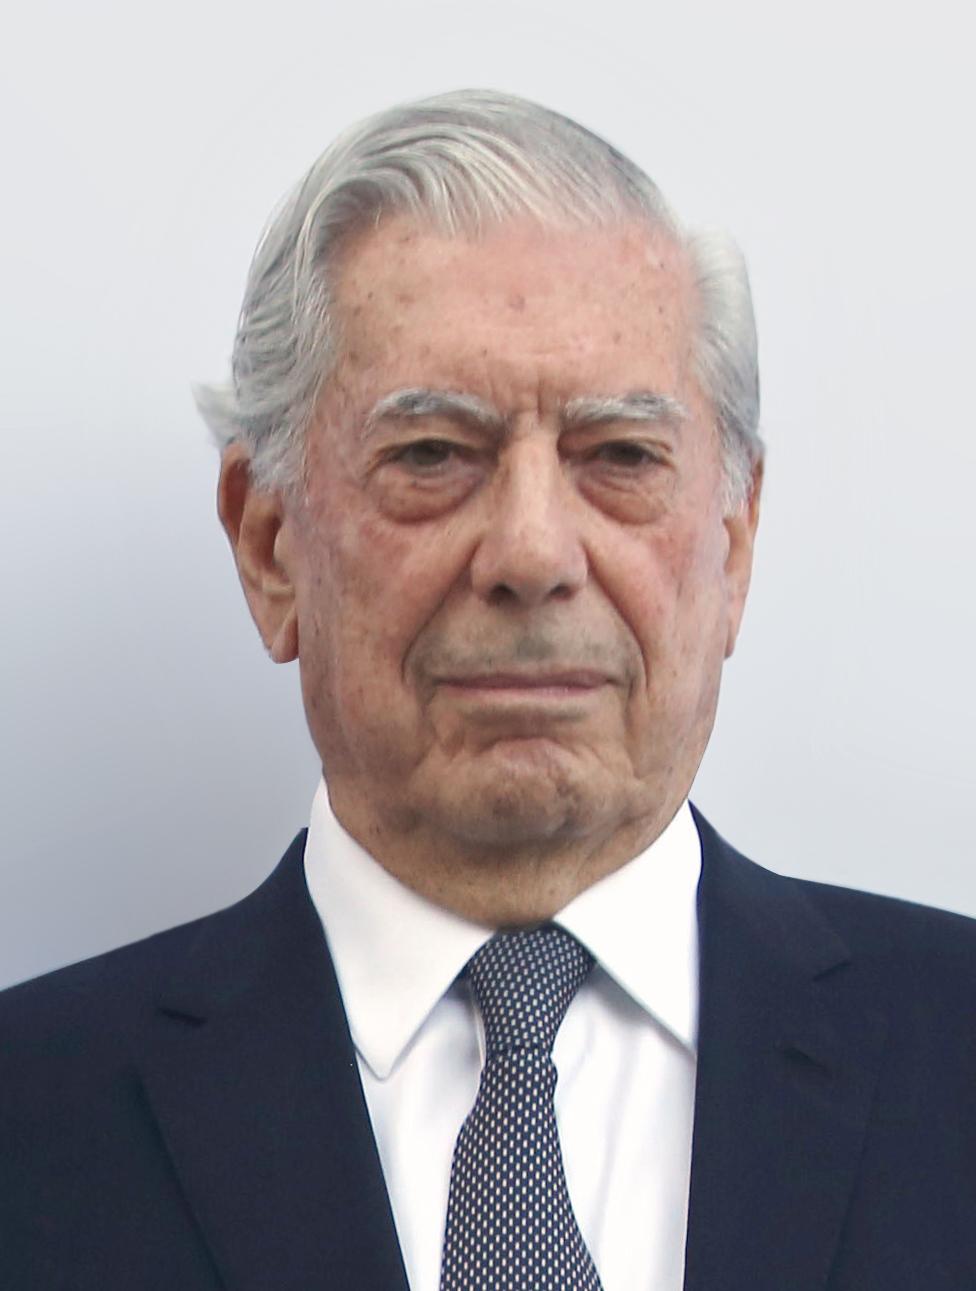 Veja o que saiu no Migalhas sobre Mario Vargas Llosa